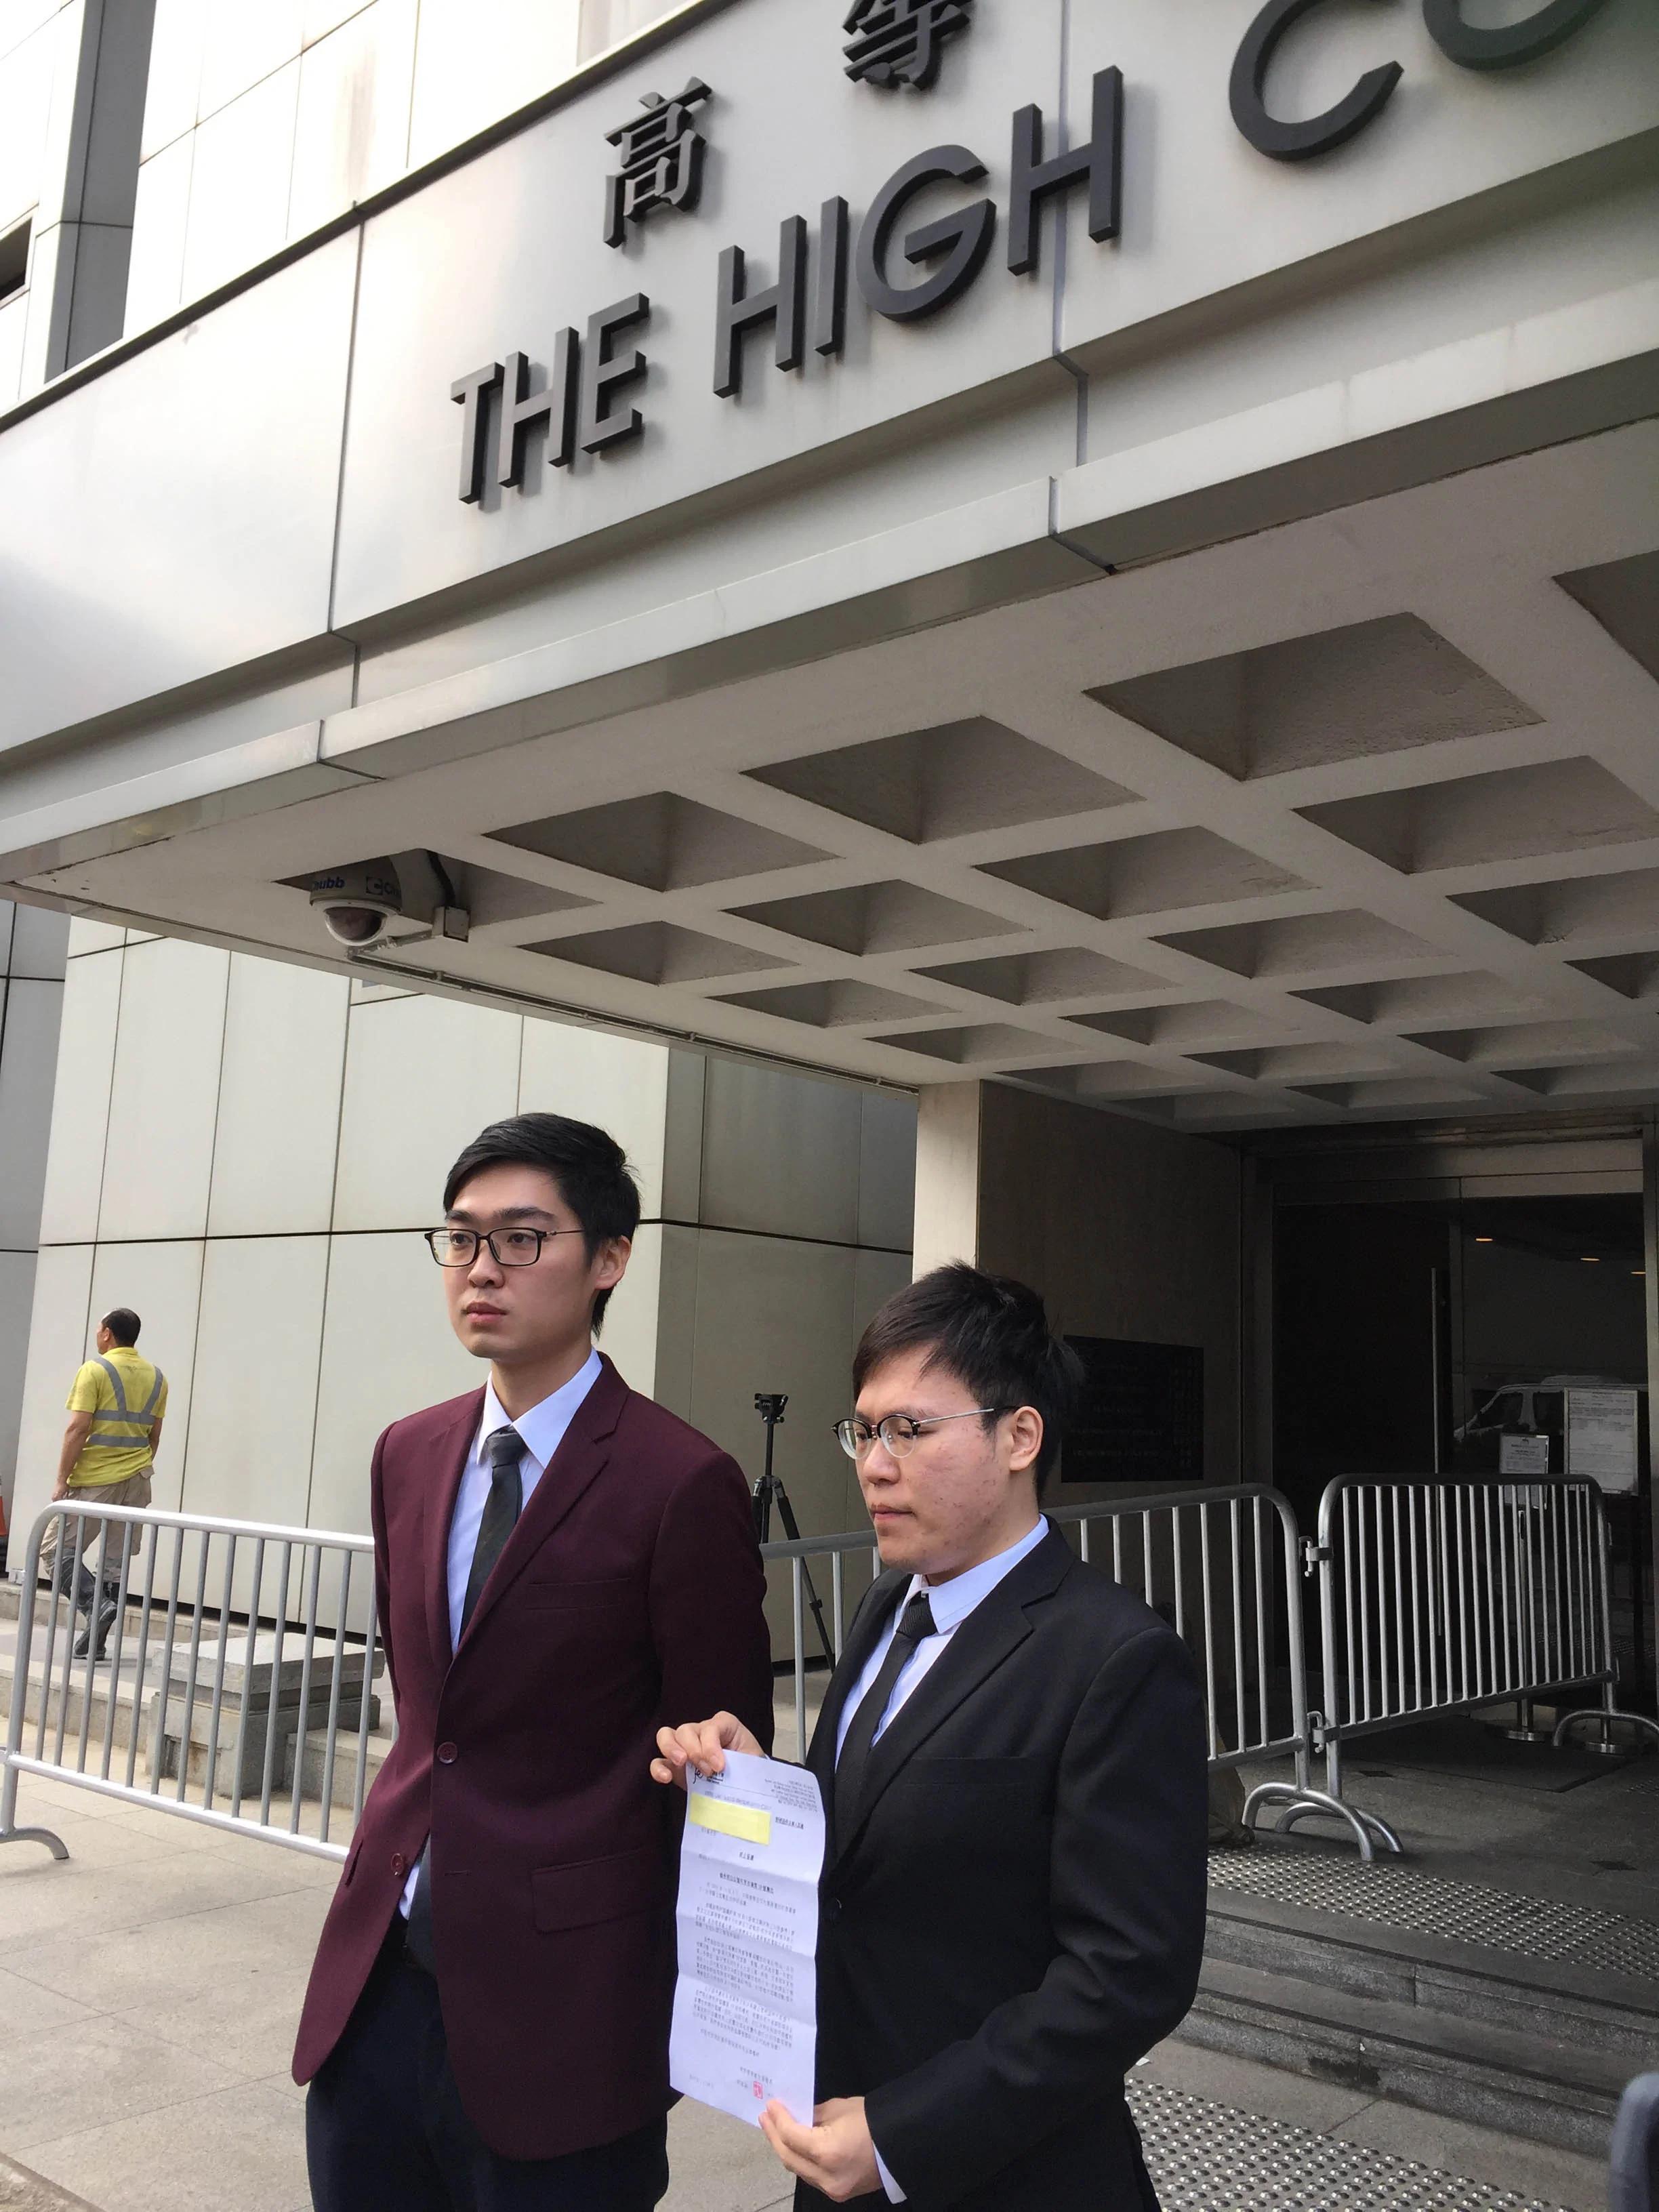 香港民族党和青年新政年宵摊位被取消